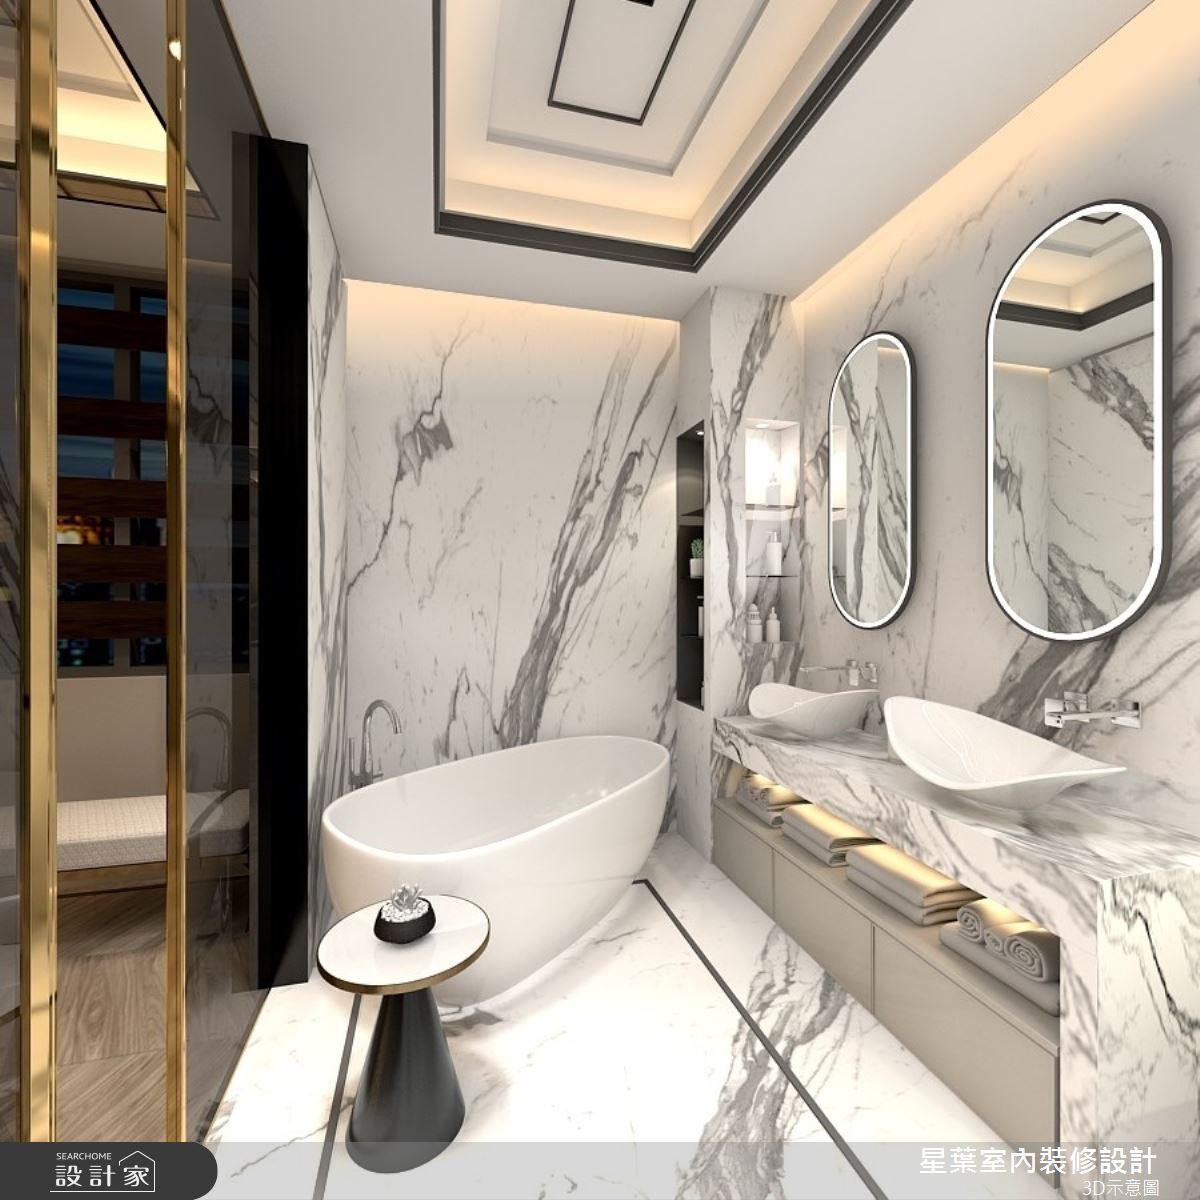 175坪新成屋(5年以下)_新古典浴室案例圖片_星葉室內裝修設計_星葉_42之13